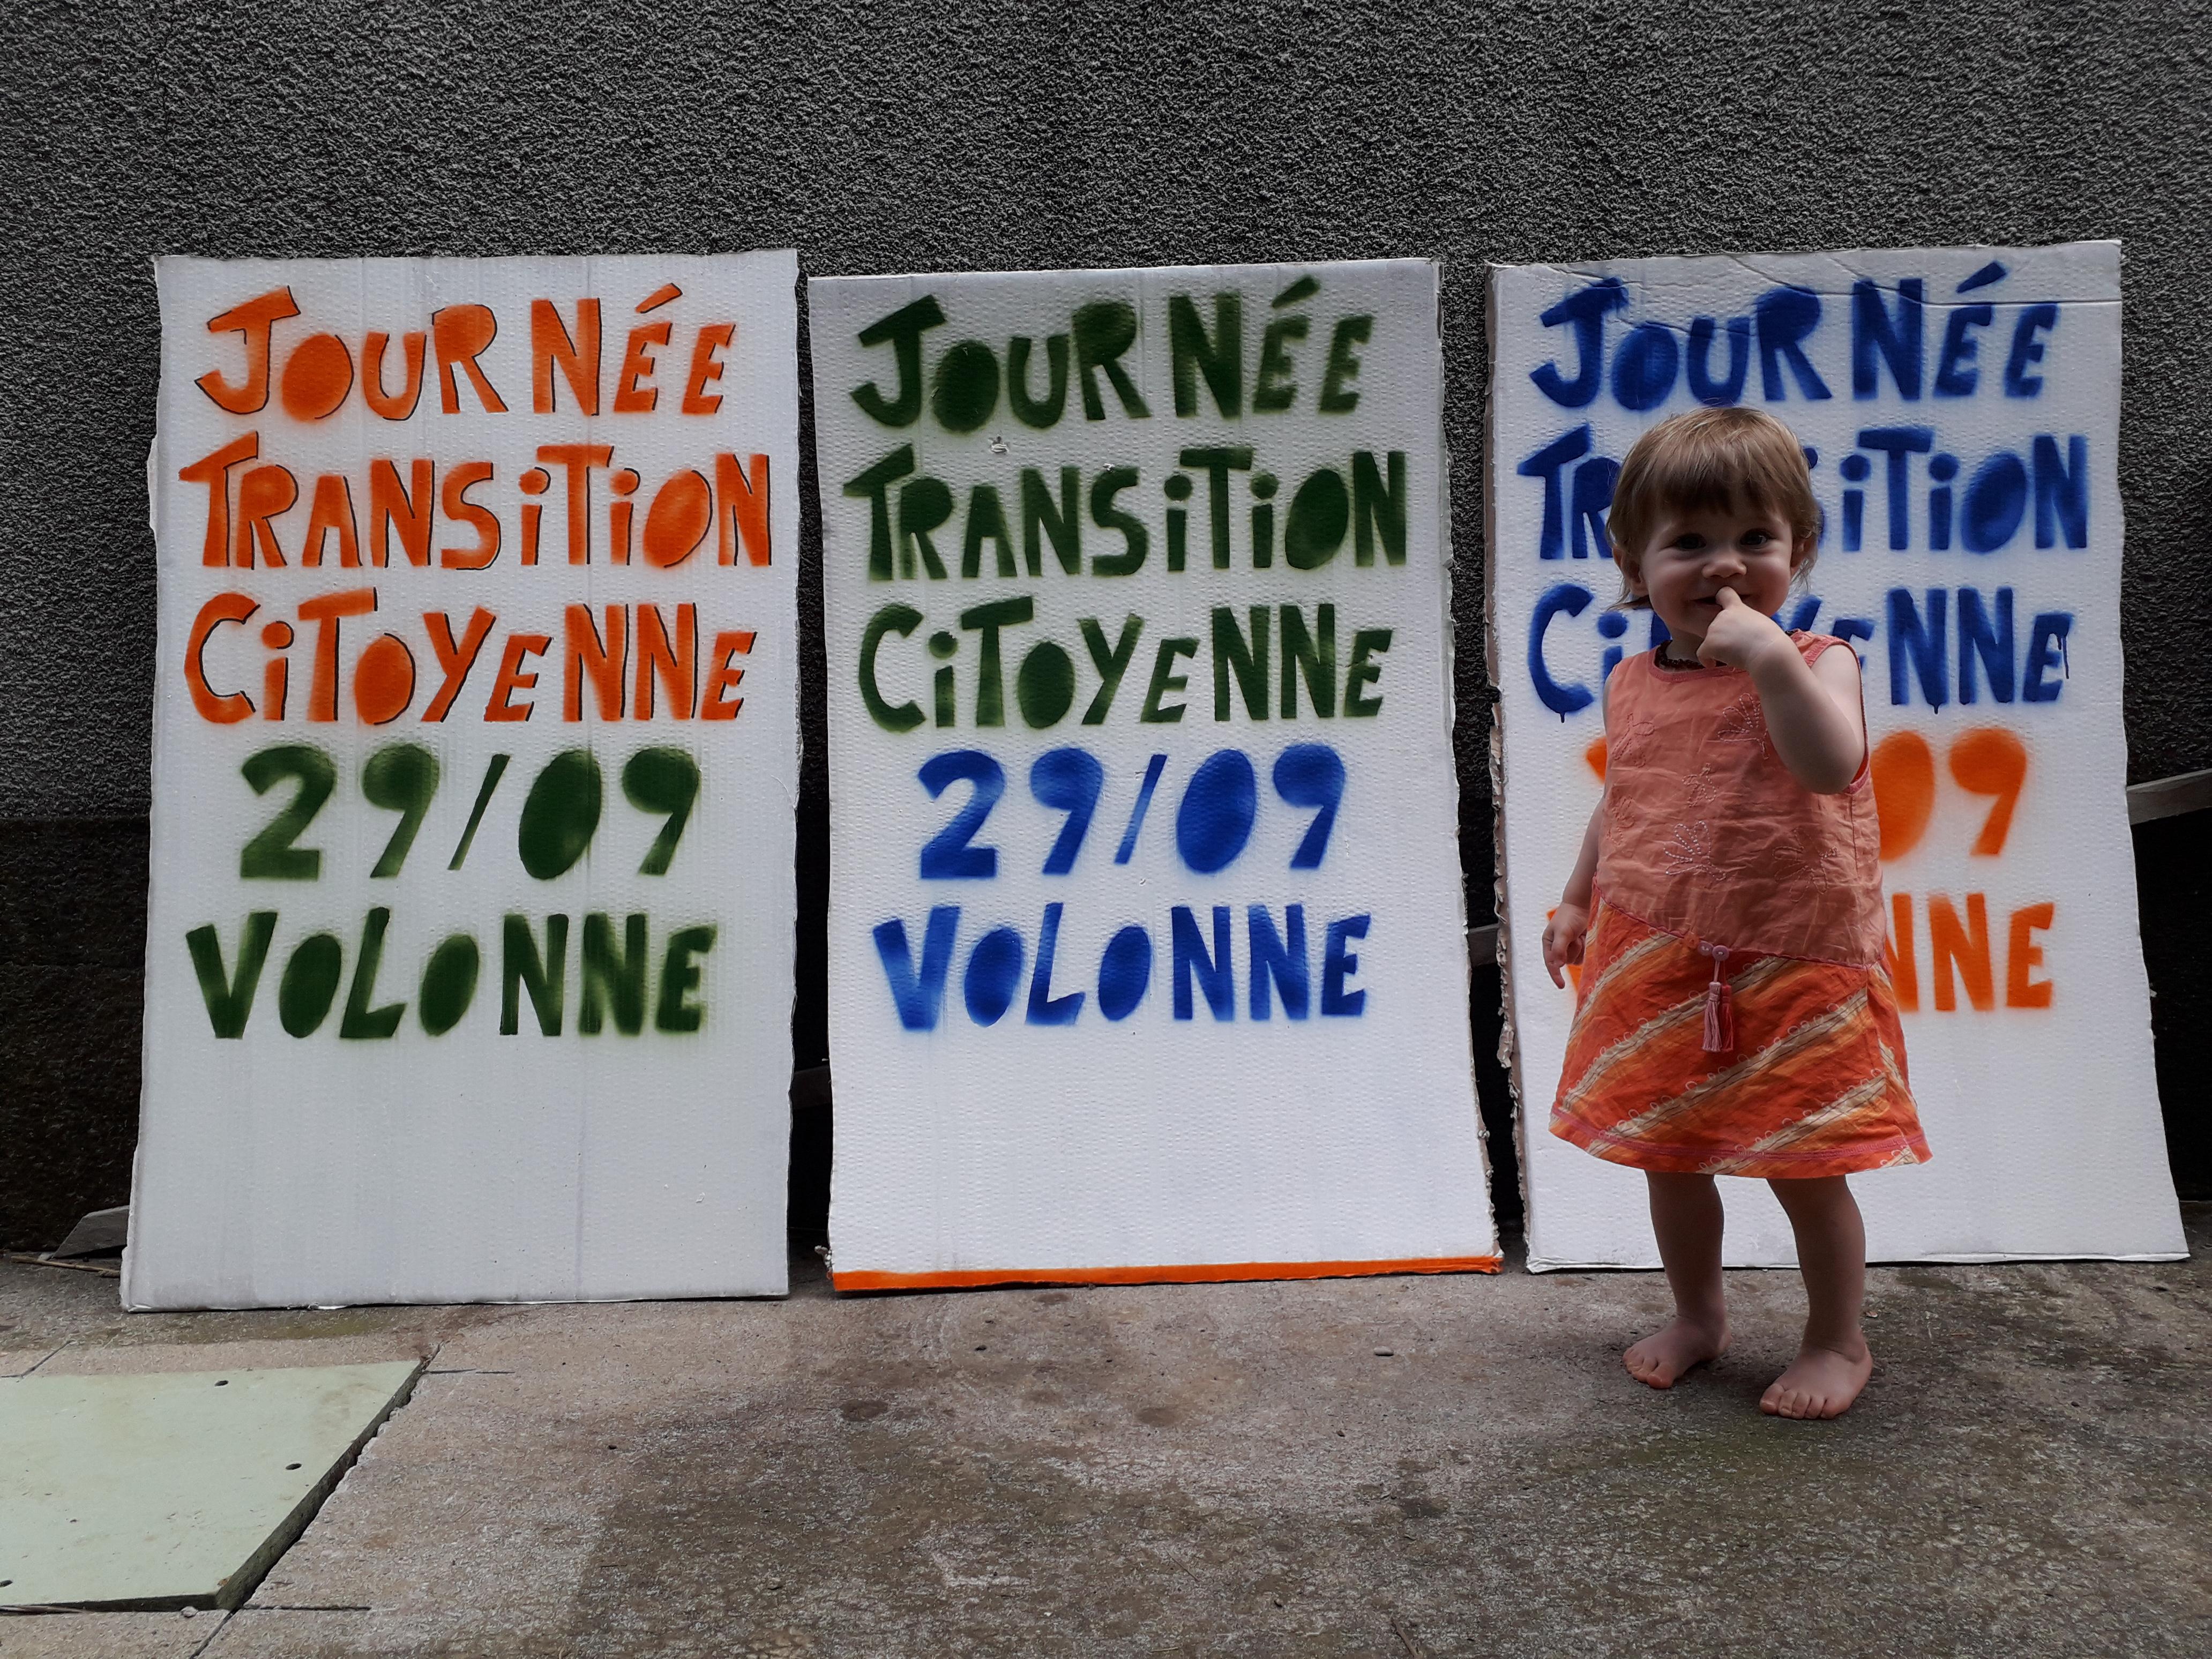 Journée de la transition écologique et citoyenne